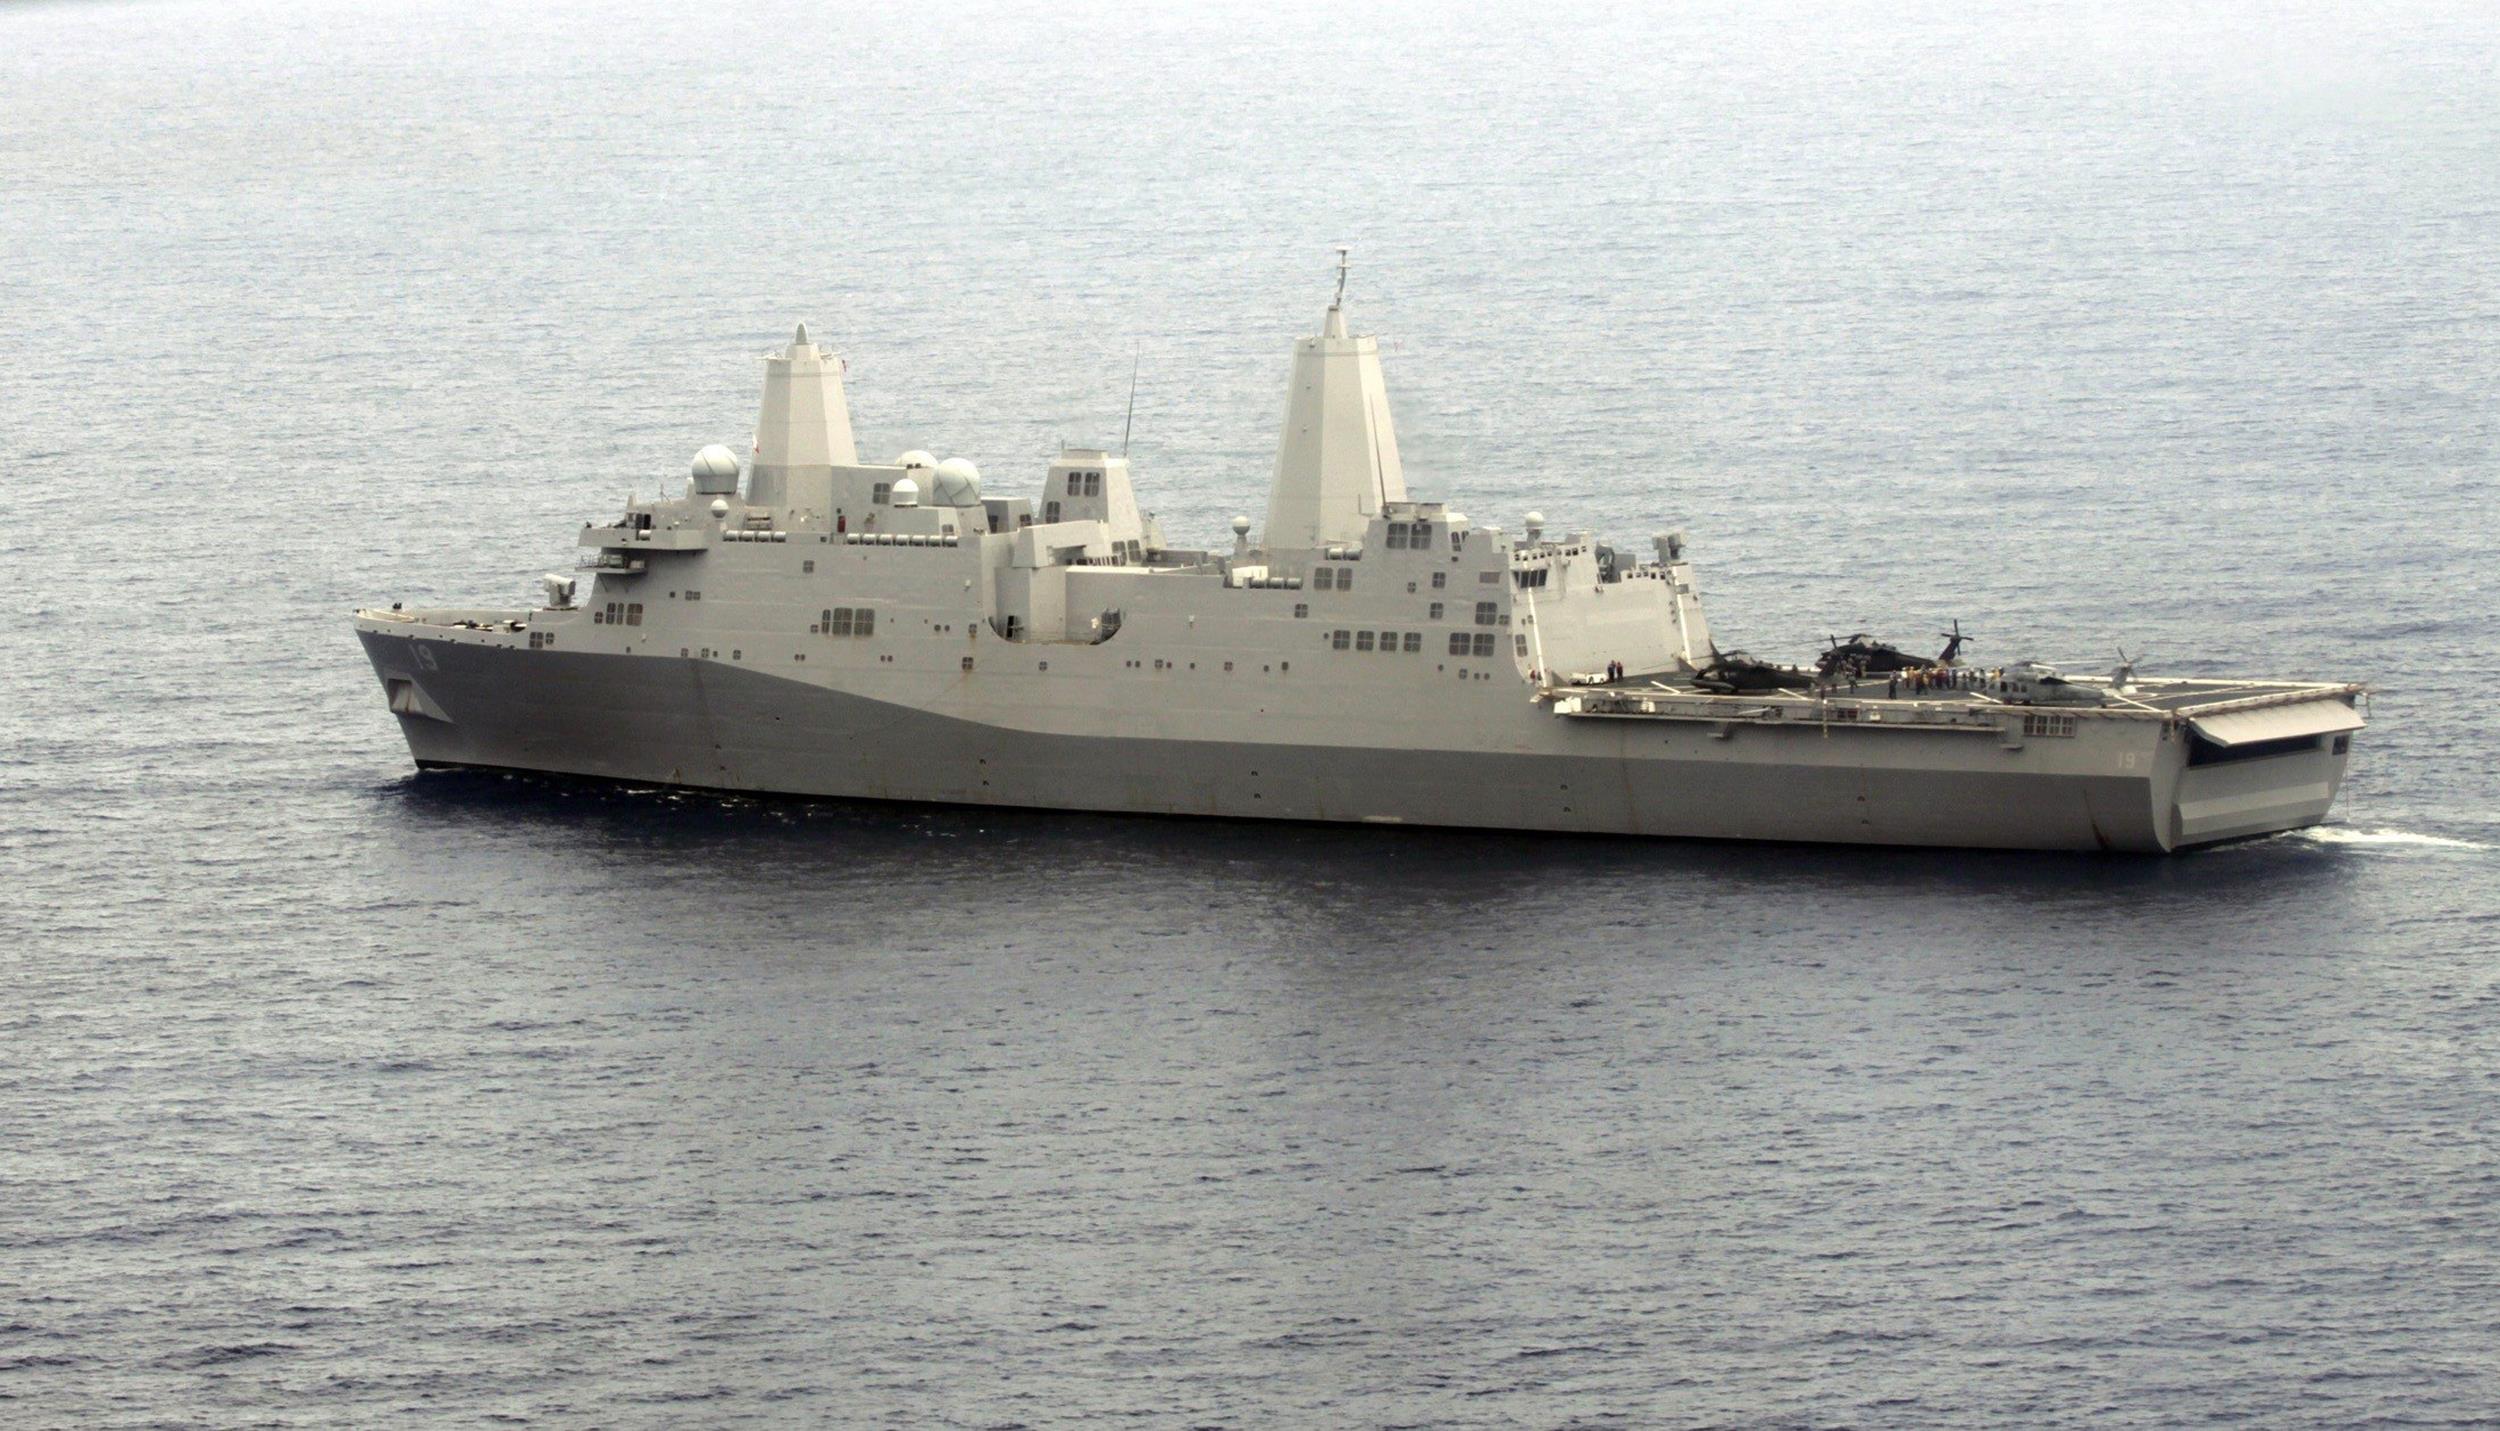 Image: The USS Mesa Verde takes part in FA Panamax 2009 in the Atlantic Ocean